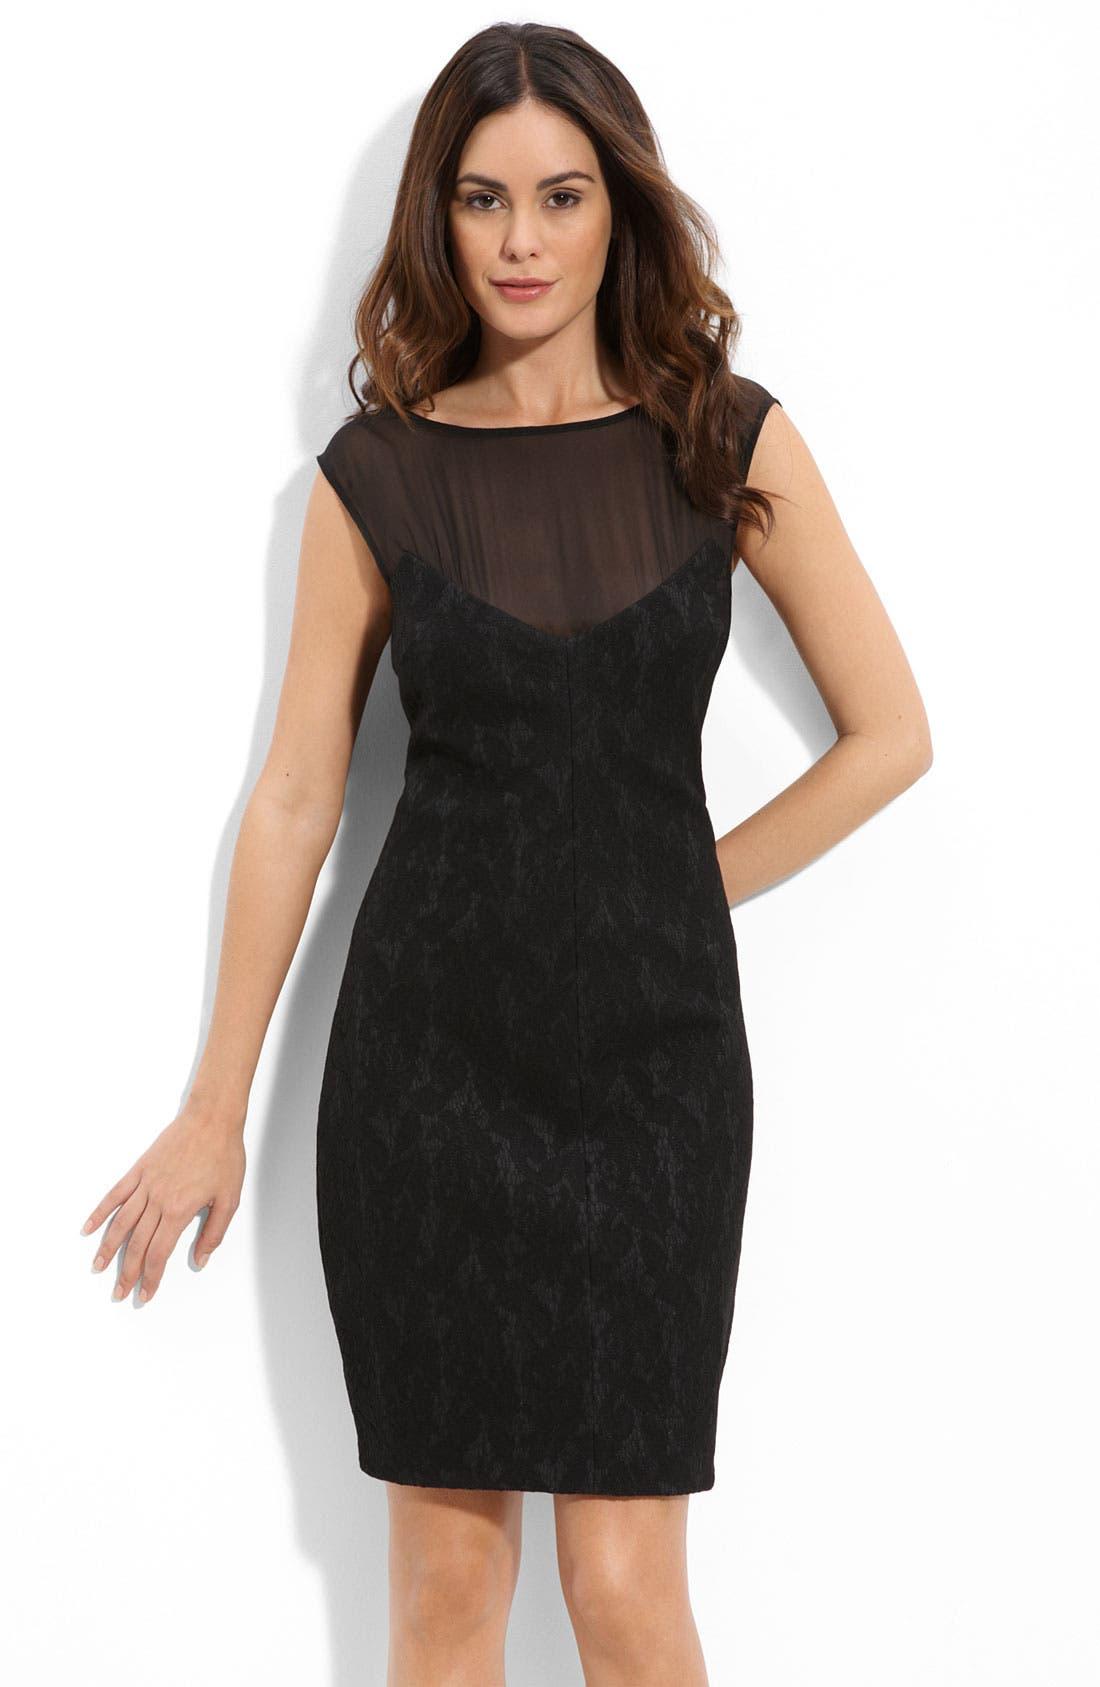 Main Image - Suzi Chin for Maggy Boutique Illusion Bodice Lace Sheath Dress (Petite)